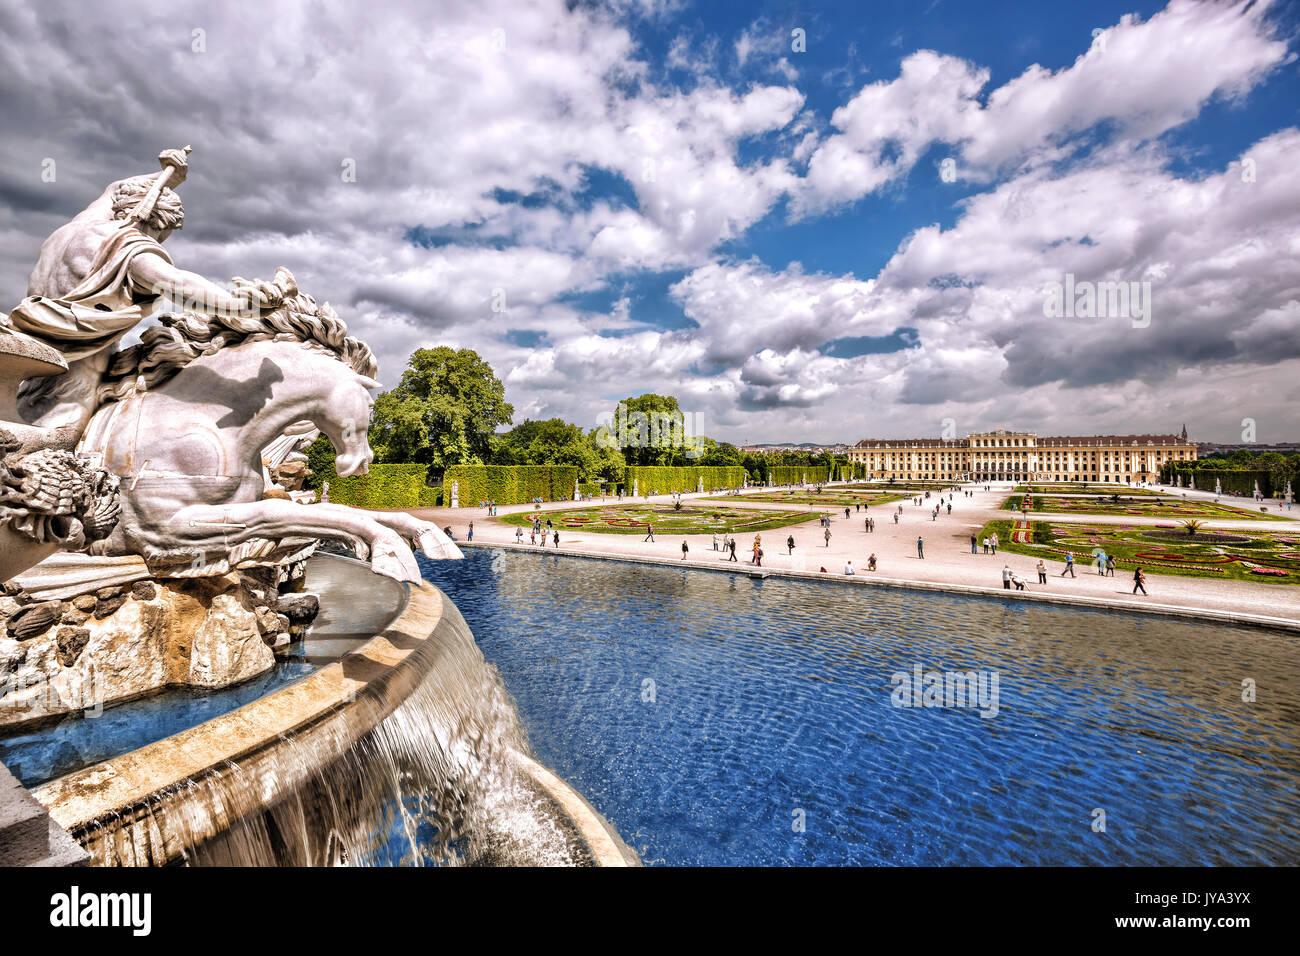 Célèbre palais Schönbrunn avec fontaine dans le jardin, vienne, autriche Photo Stock